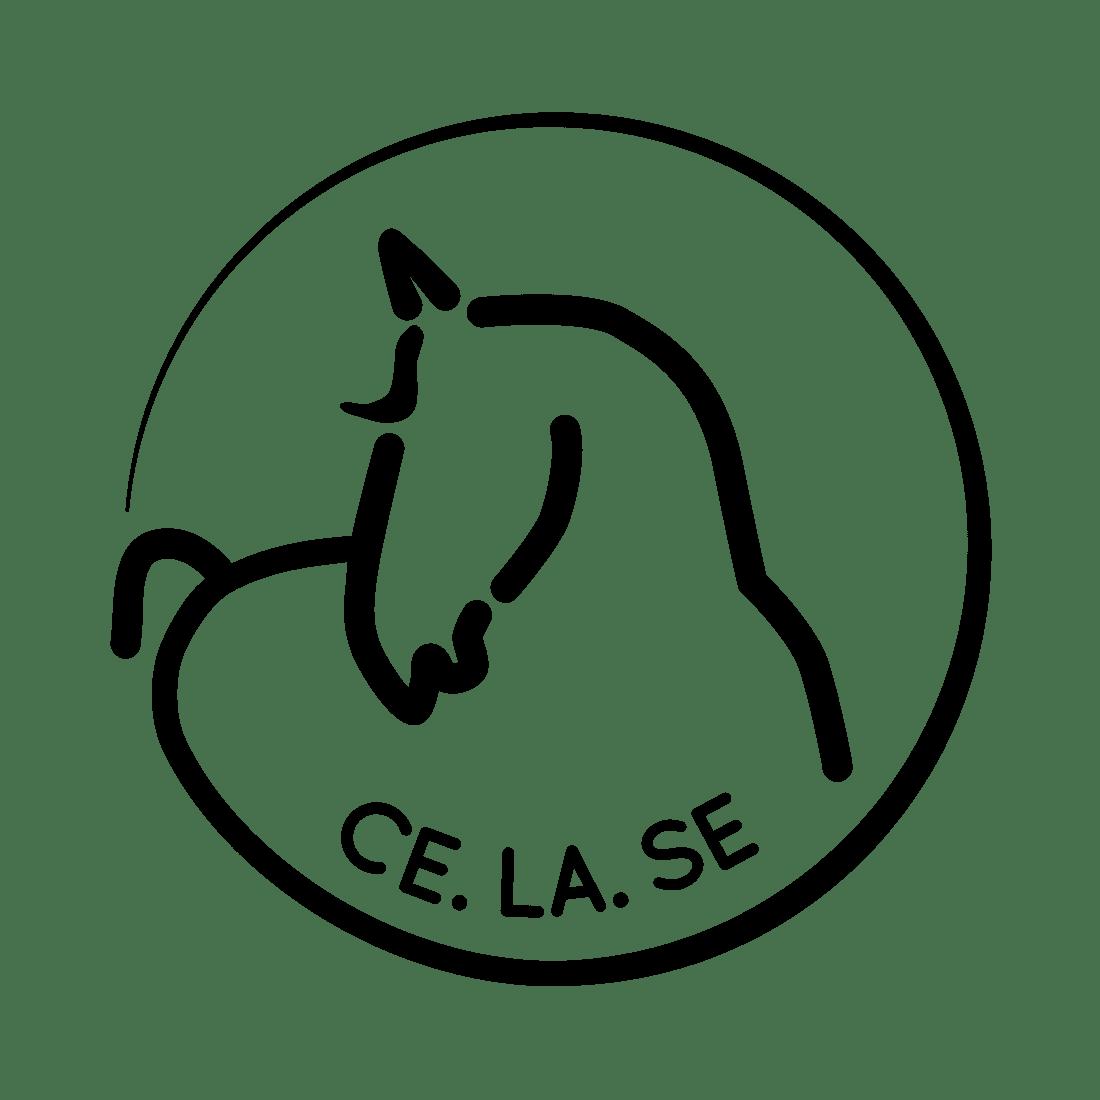 celase